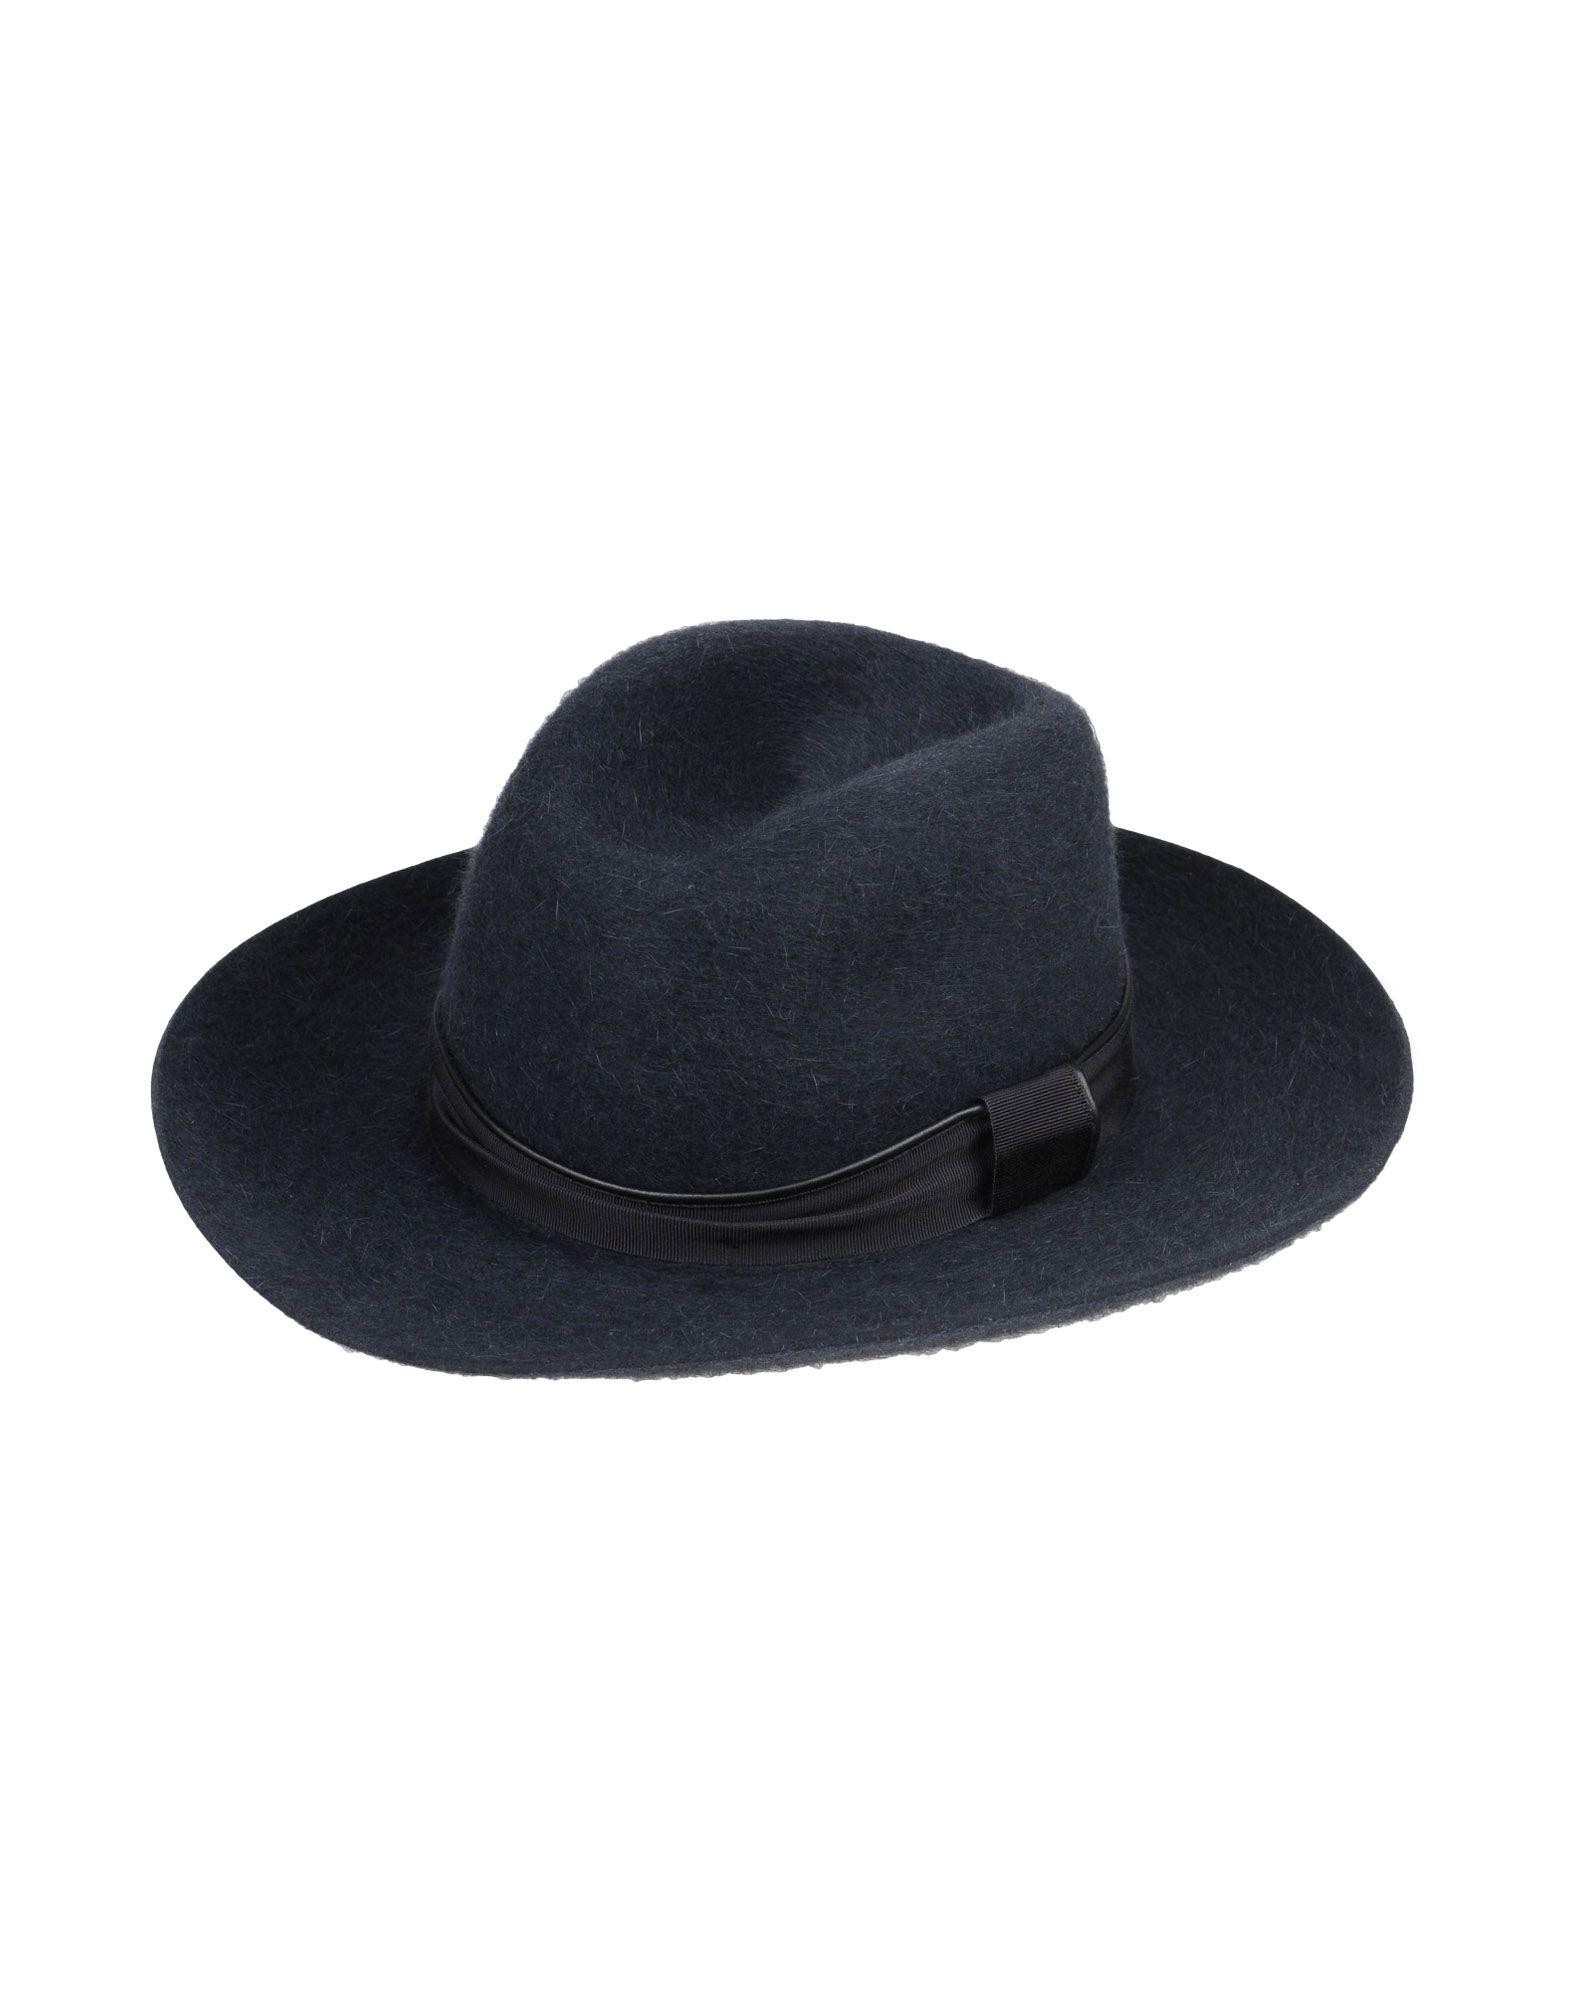 Barbisio su Donna online Acquista Cappello aRPxwAdqa